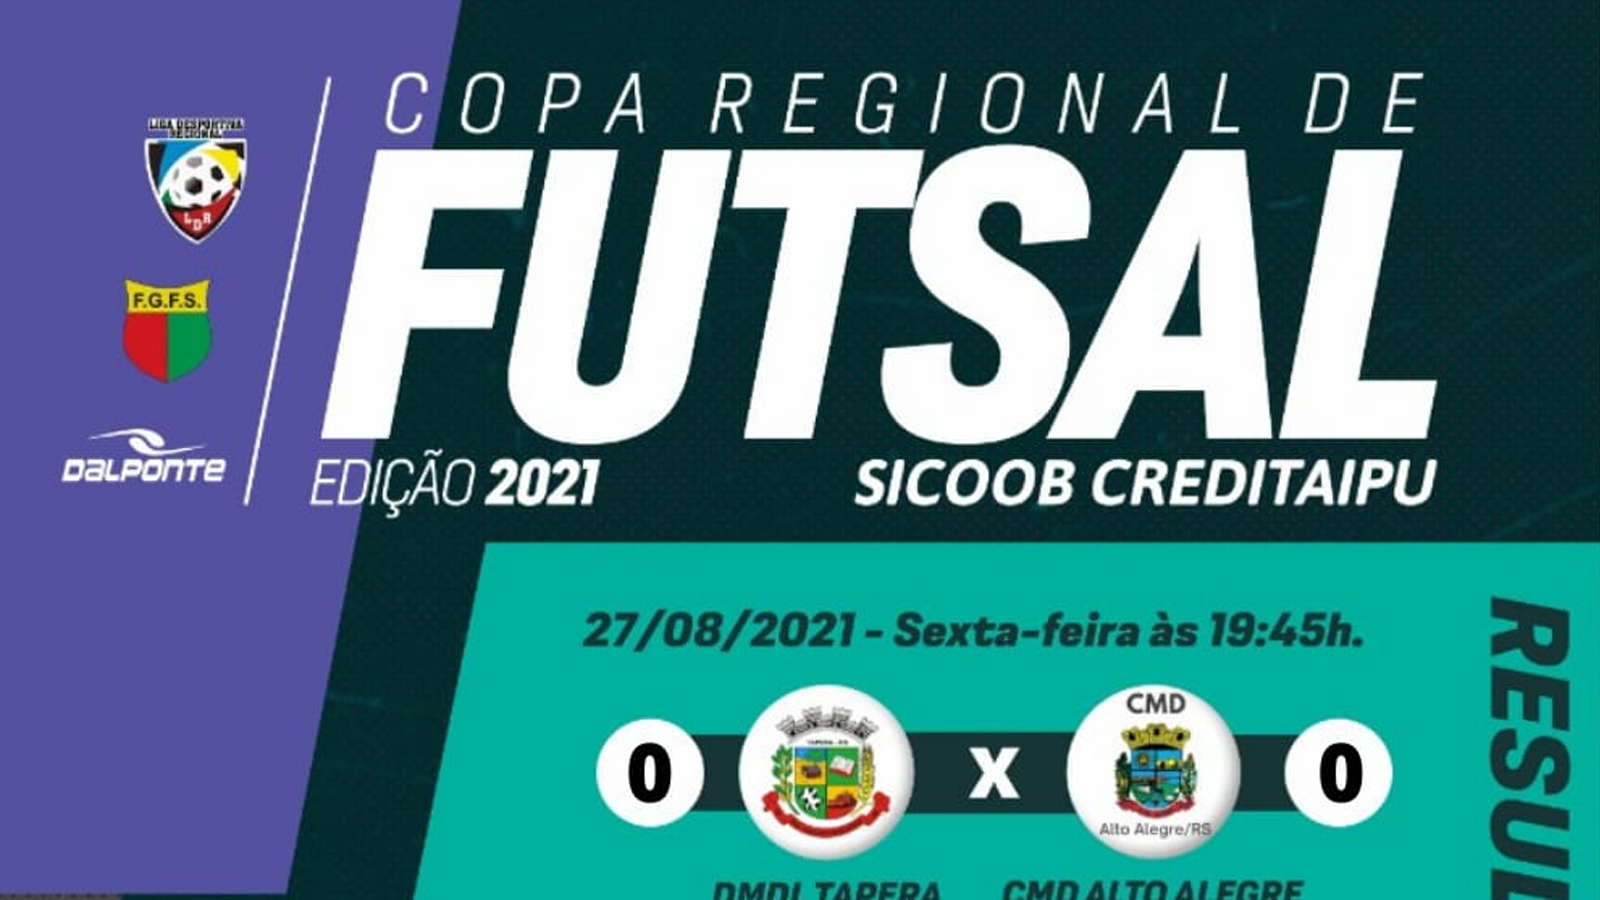 Confira os resultados e classificação após a 4ª rodada da Copa Regional de Futsal